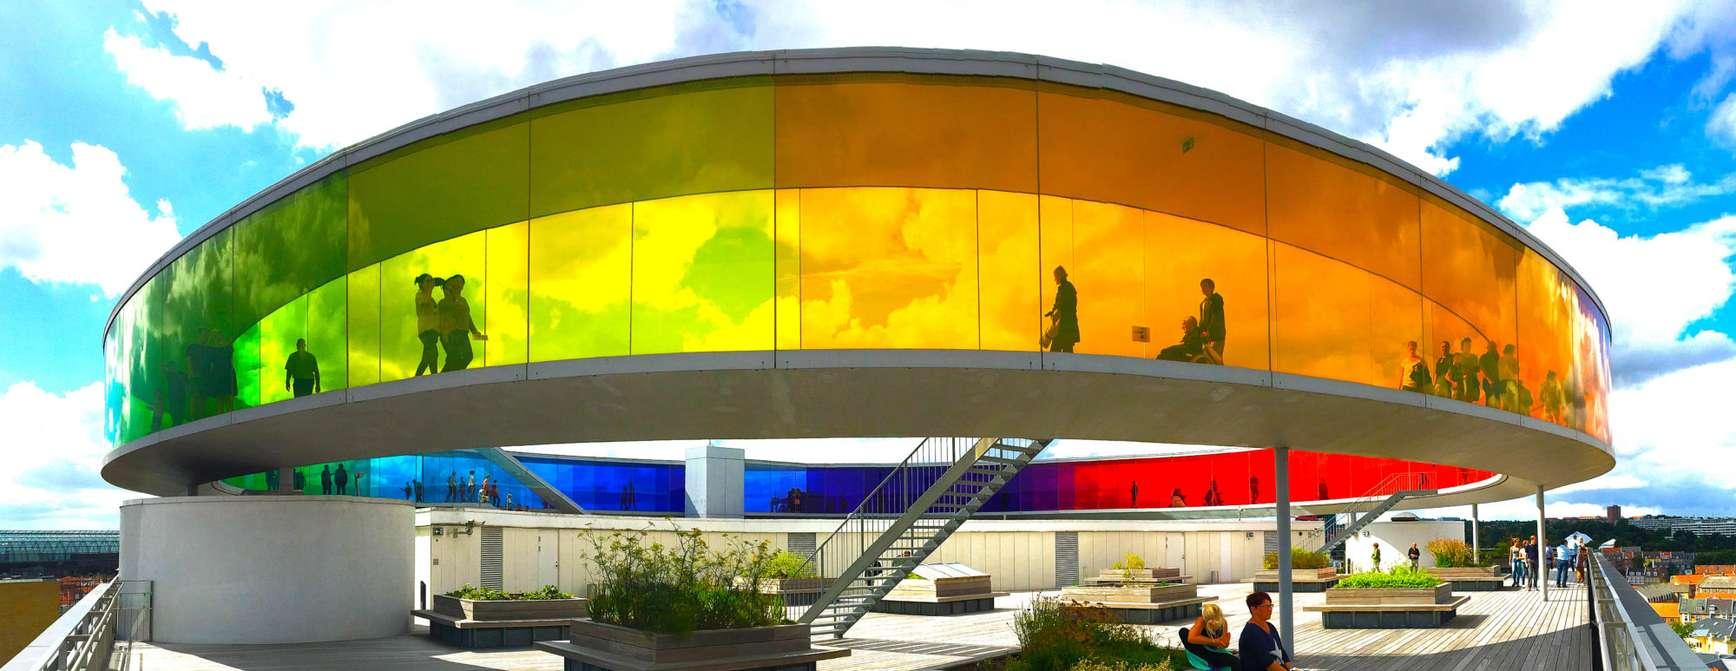 ARoS kunstmuseum i Aarhus med sine fantastiske farger